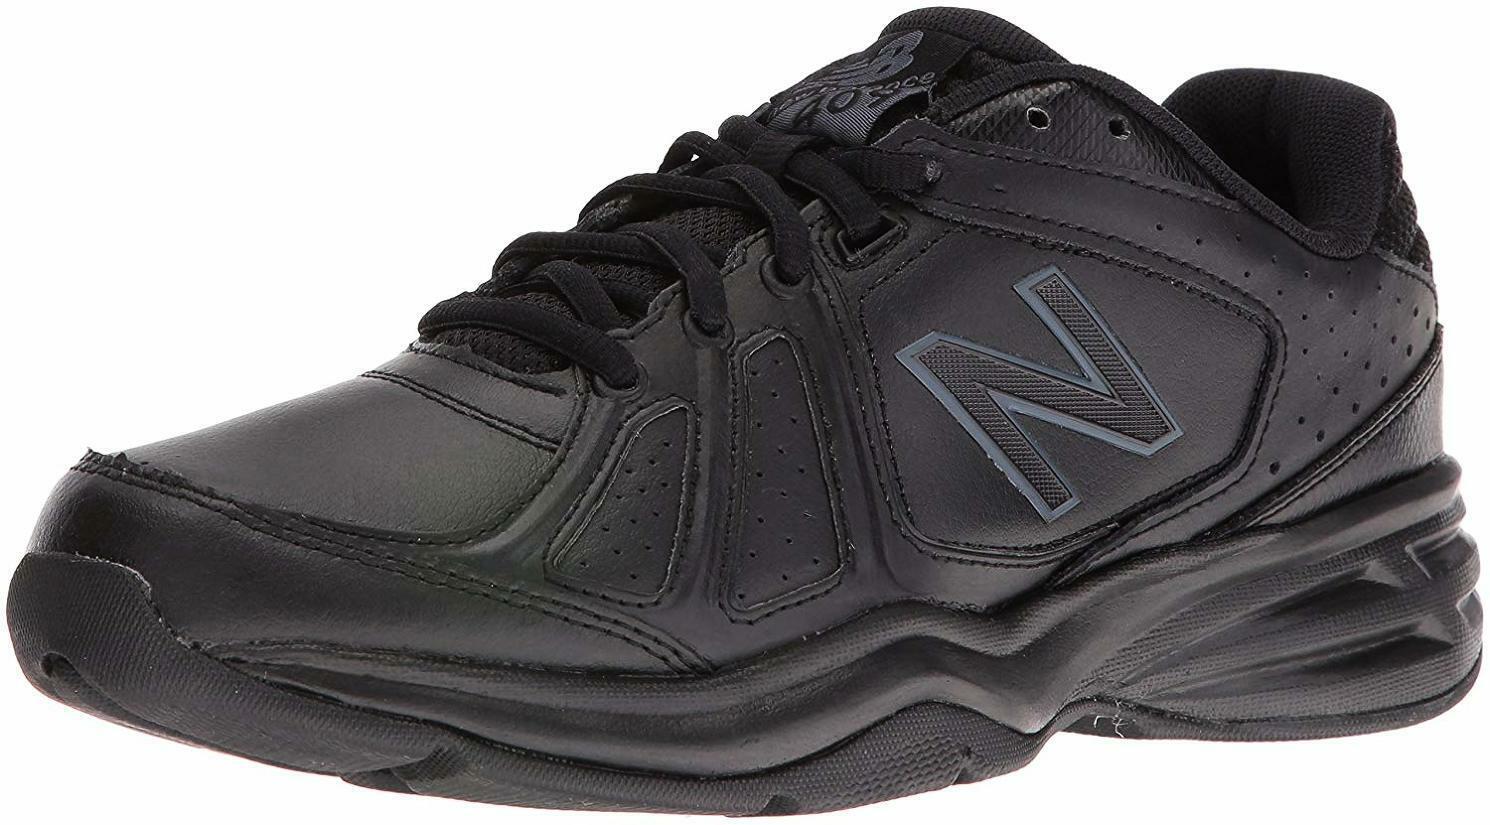 Para Hombre mx409v3 Casual New Balance comodidad entrenamiento Zapato-elegir talla Color